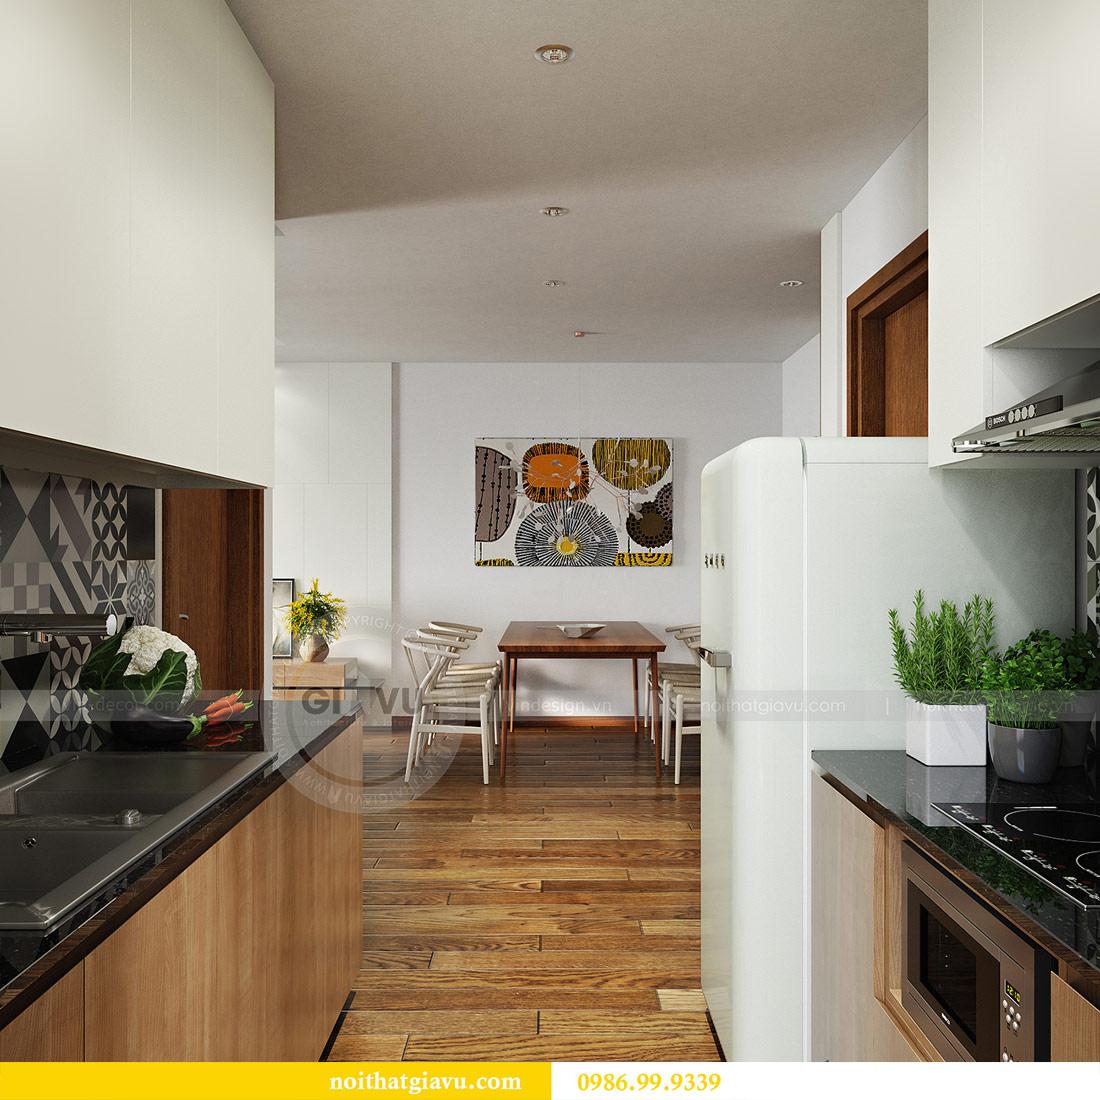 Mẫu thiết kế nội thất chung cư GREEN BAY MỄ TRÌ 3